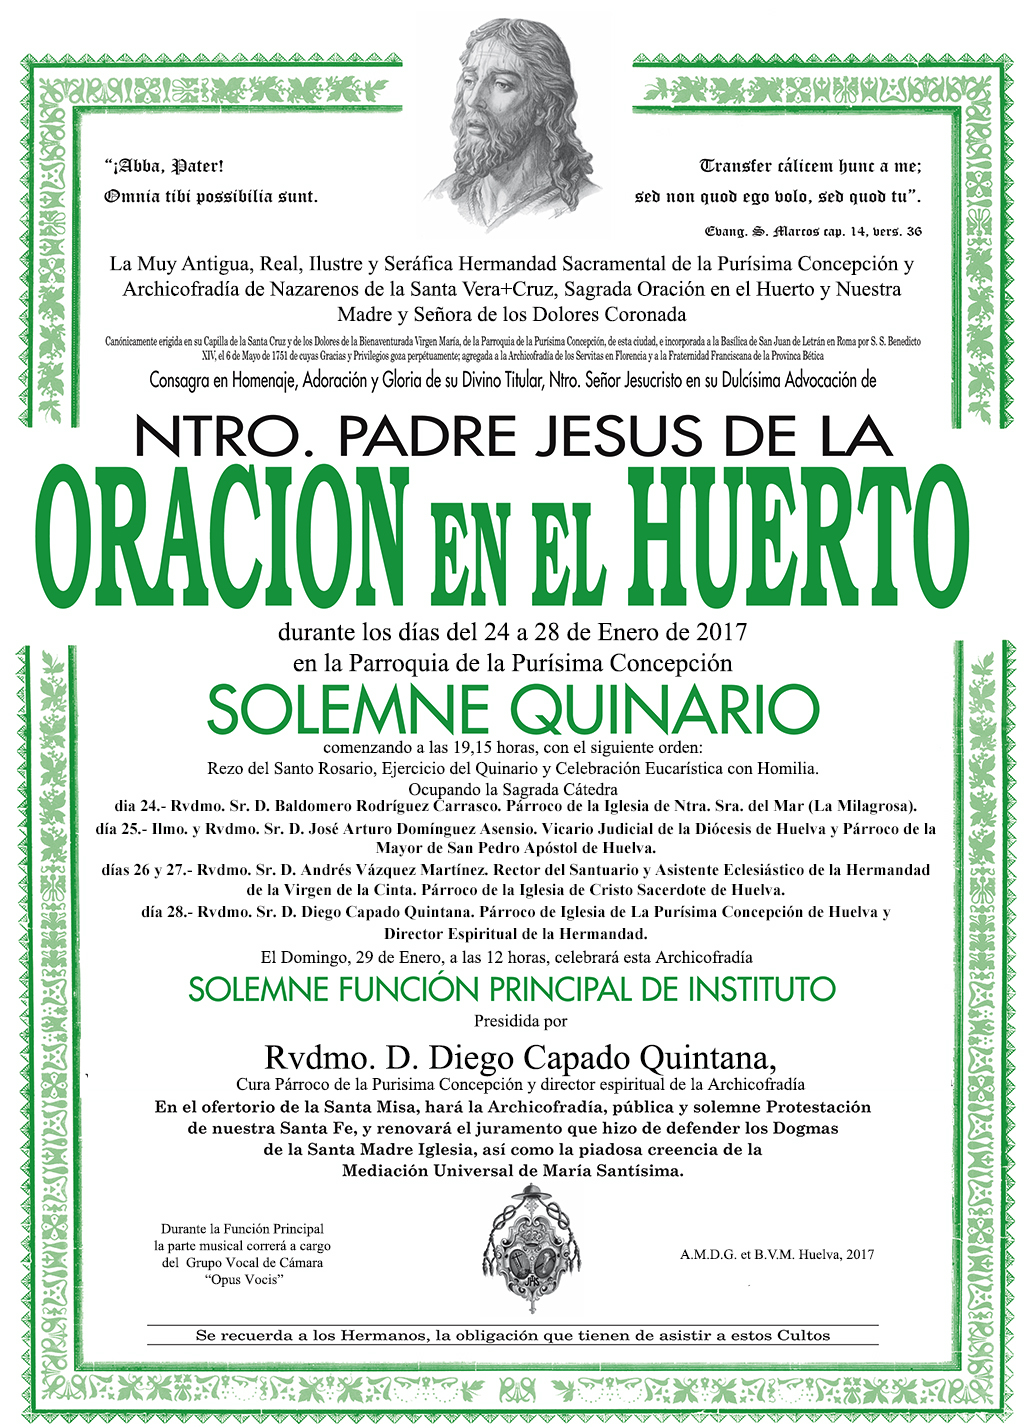 HDAD ORACION quinario '11.indd